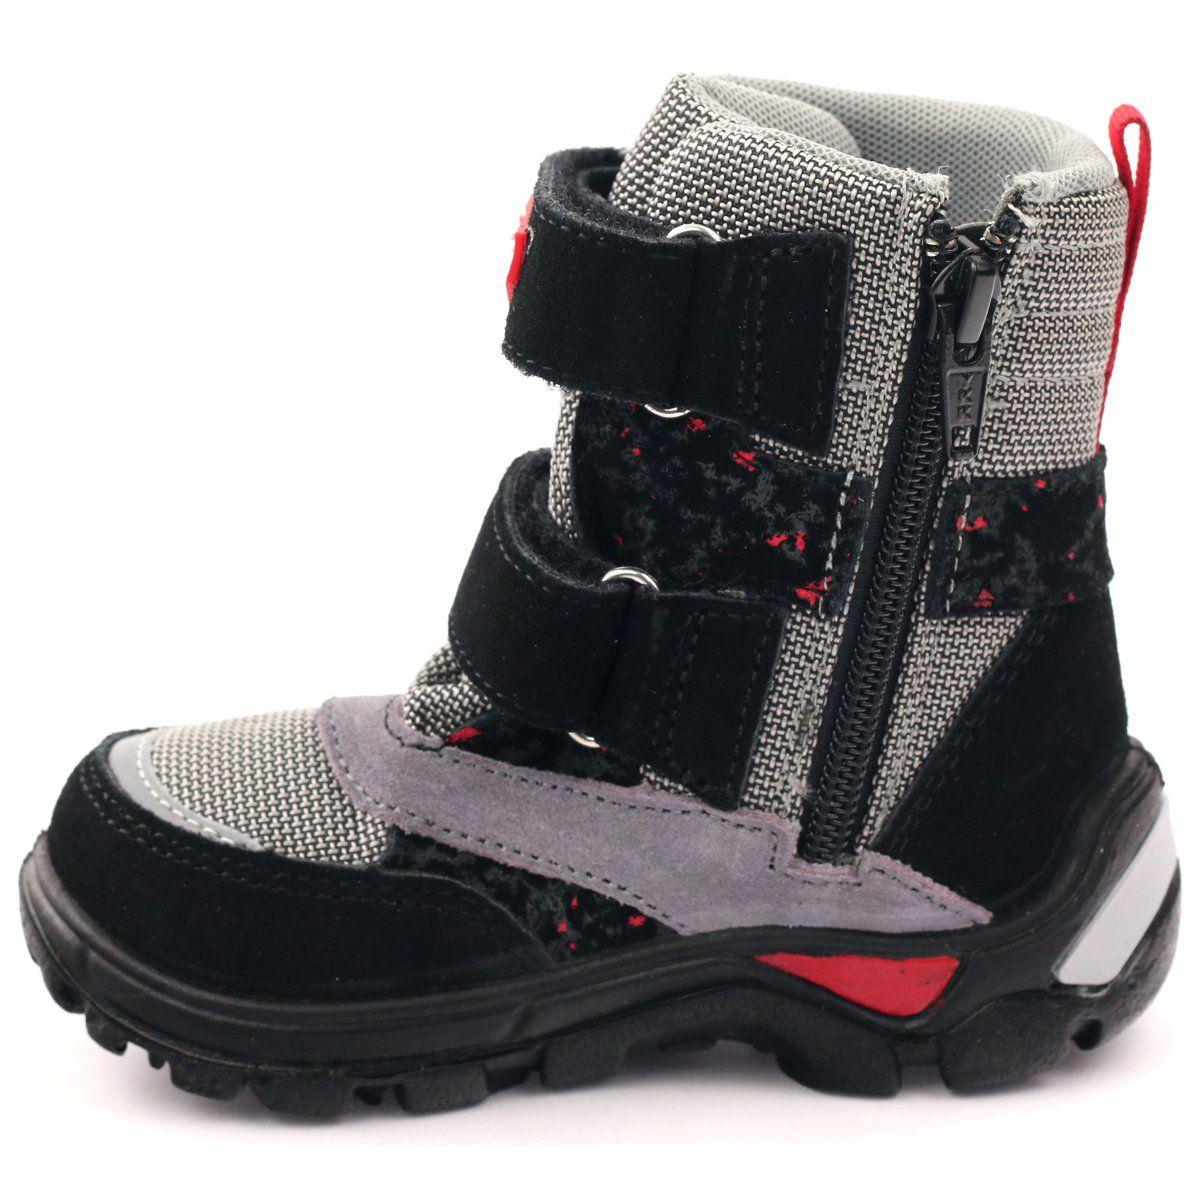 Kozaczki Dla Dzieci Bartek Czerwone Szare Czarne Kozaczki Trzewiki Nieprzemakalne 21473 Bartek Boots Childrens Boots Waterproof Boots